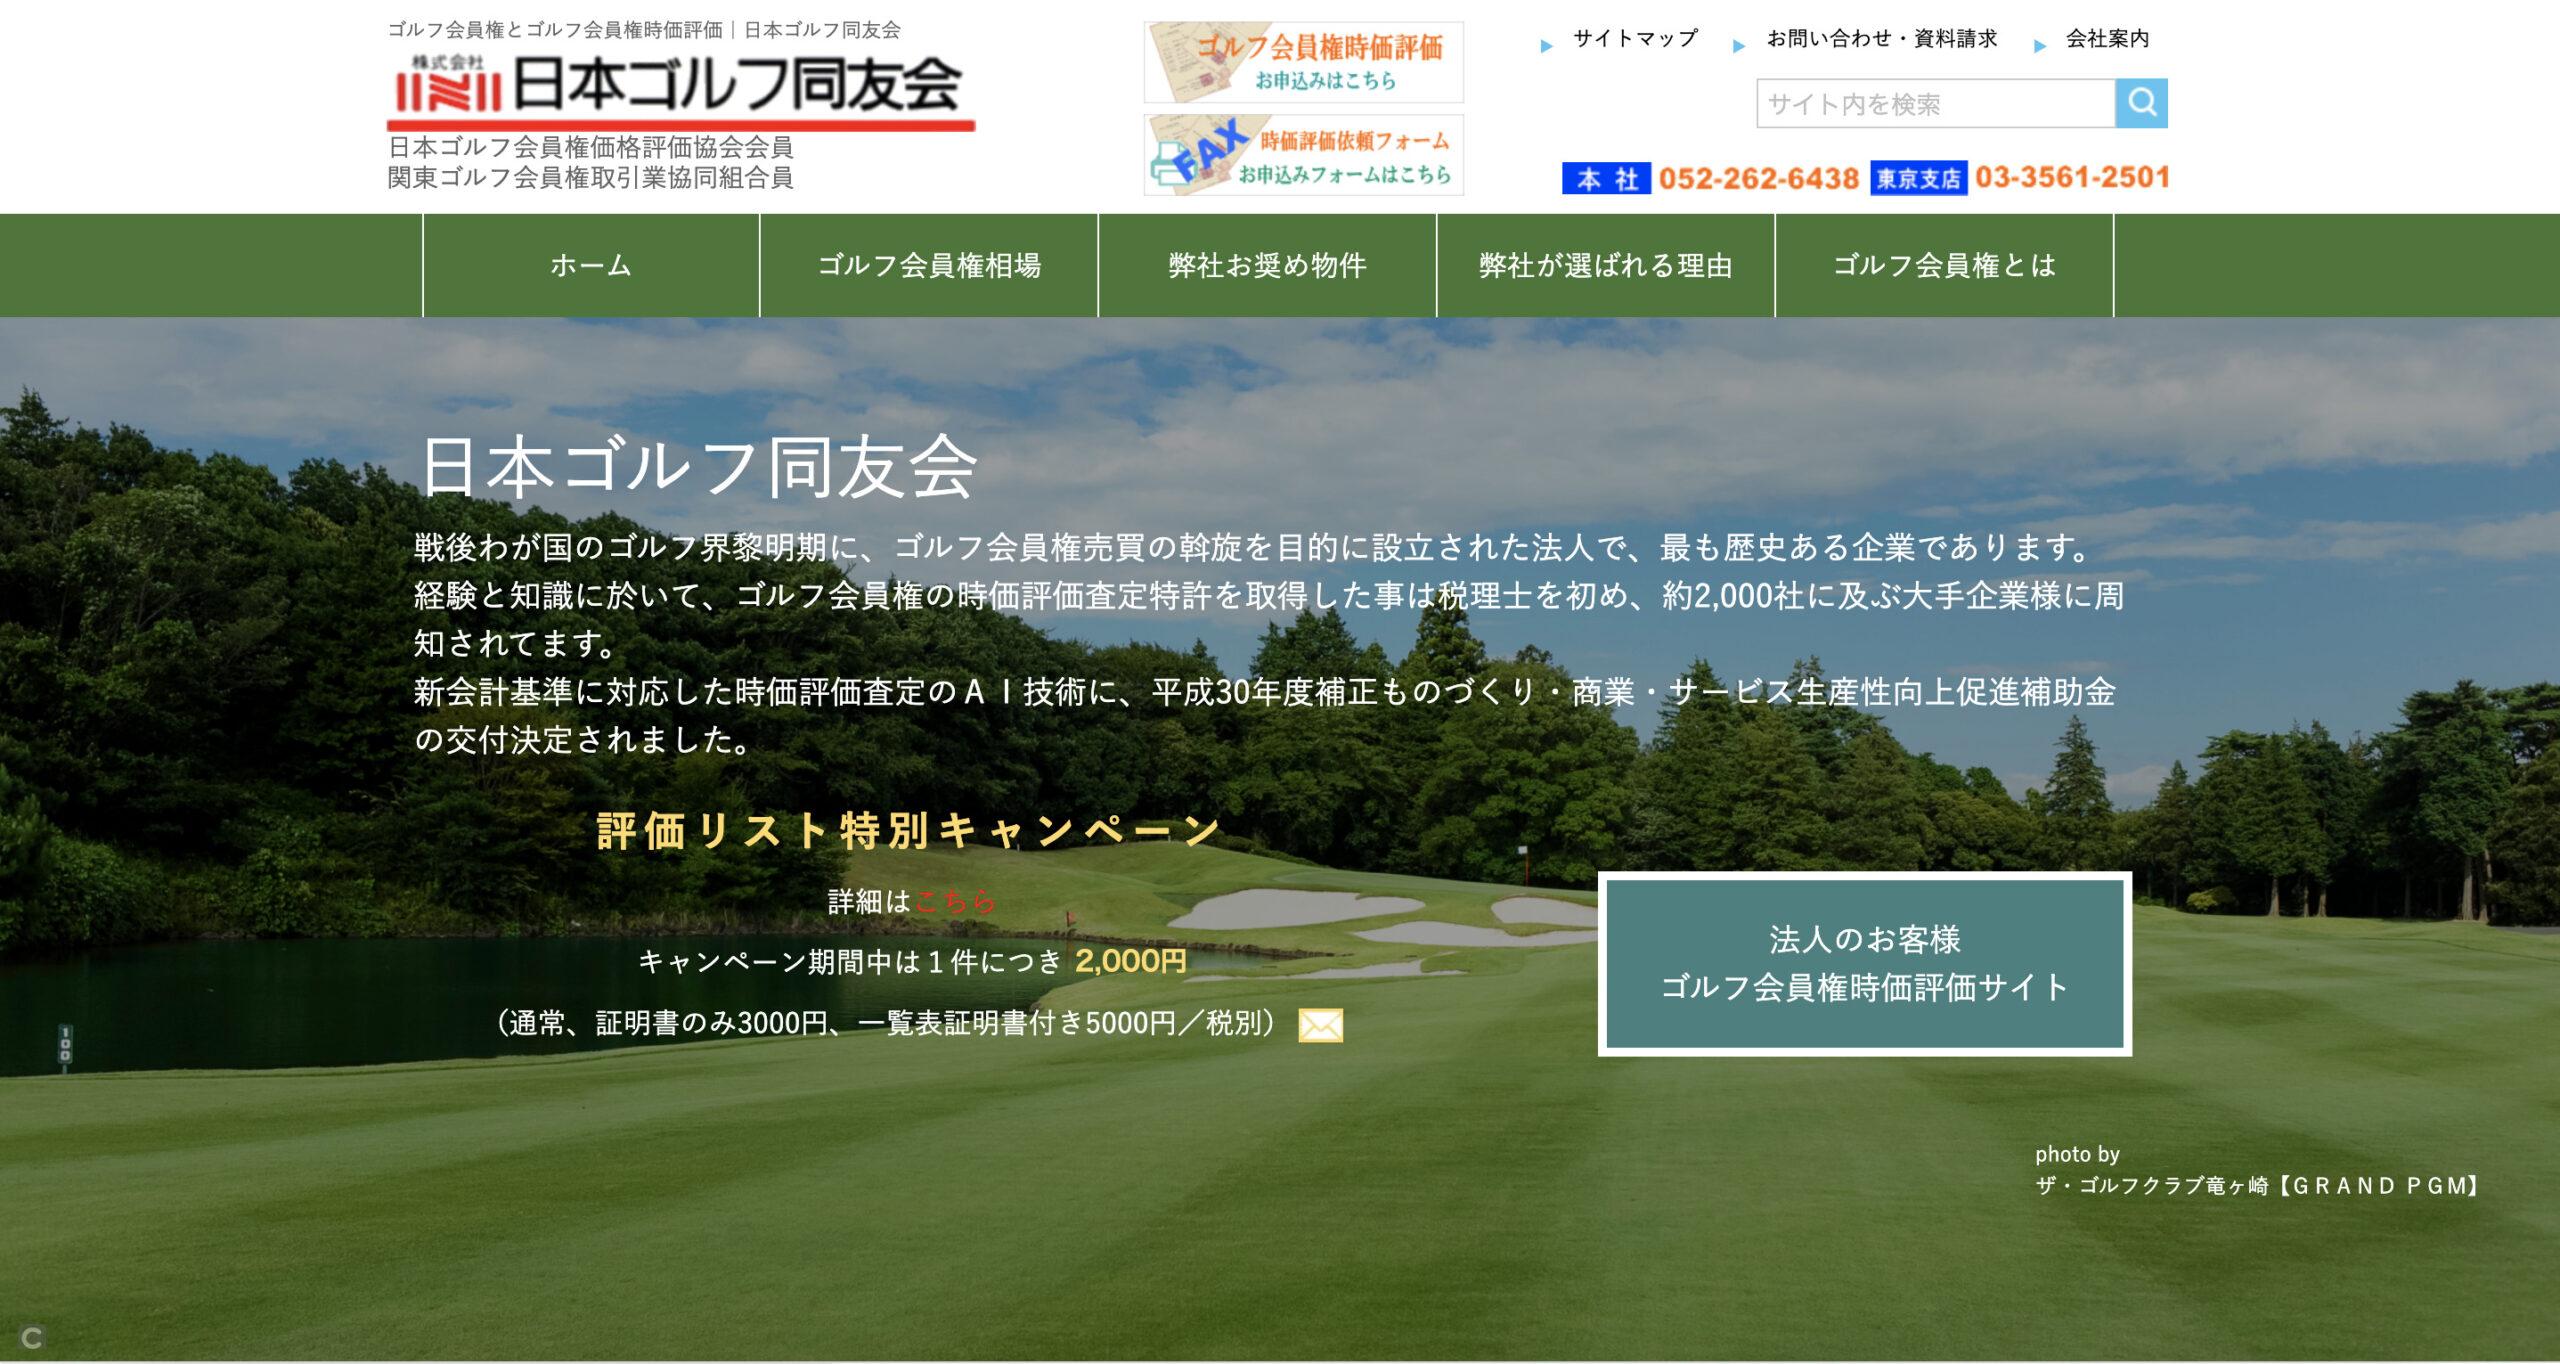 ゴルフ同友会HP